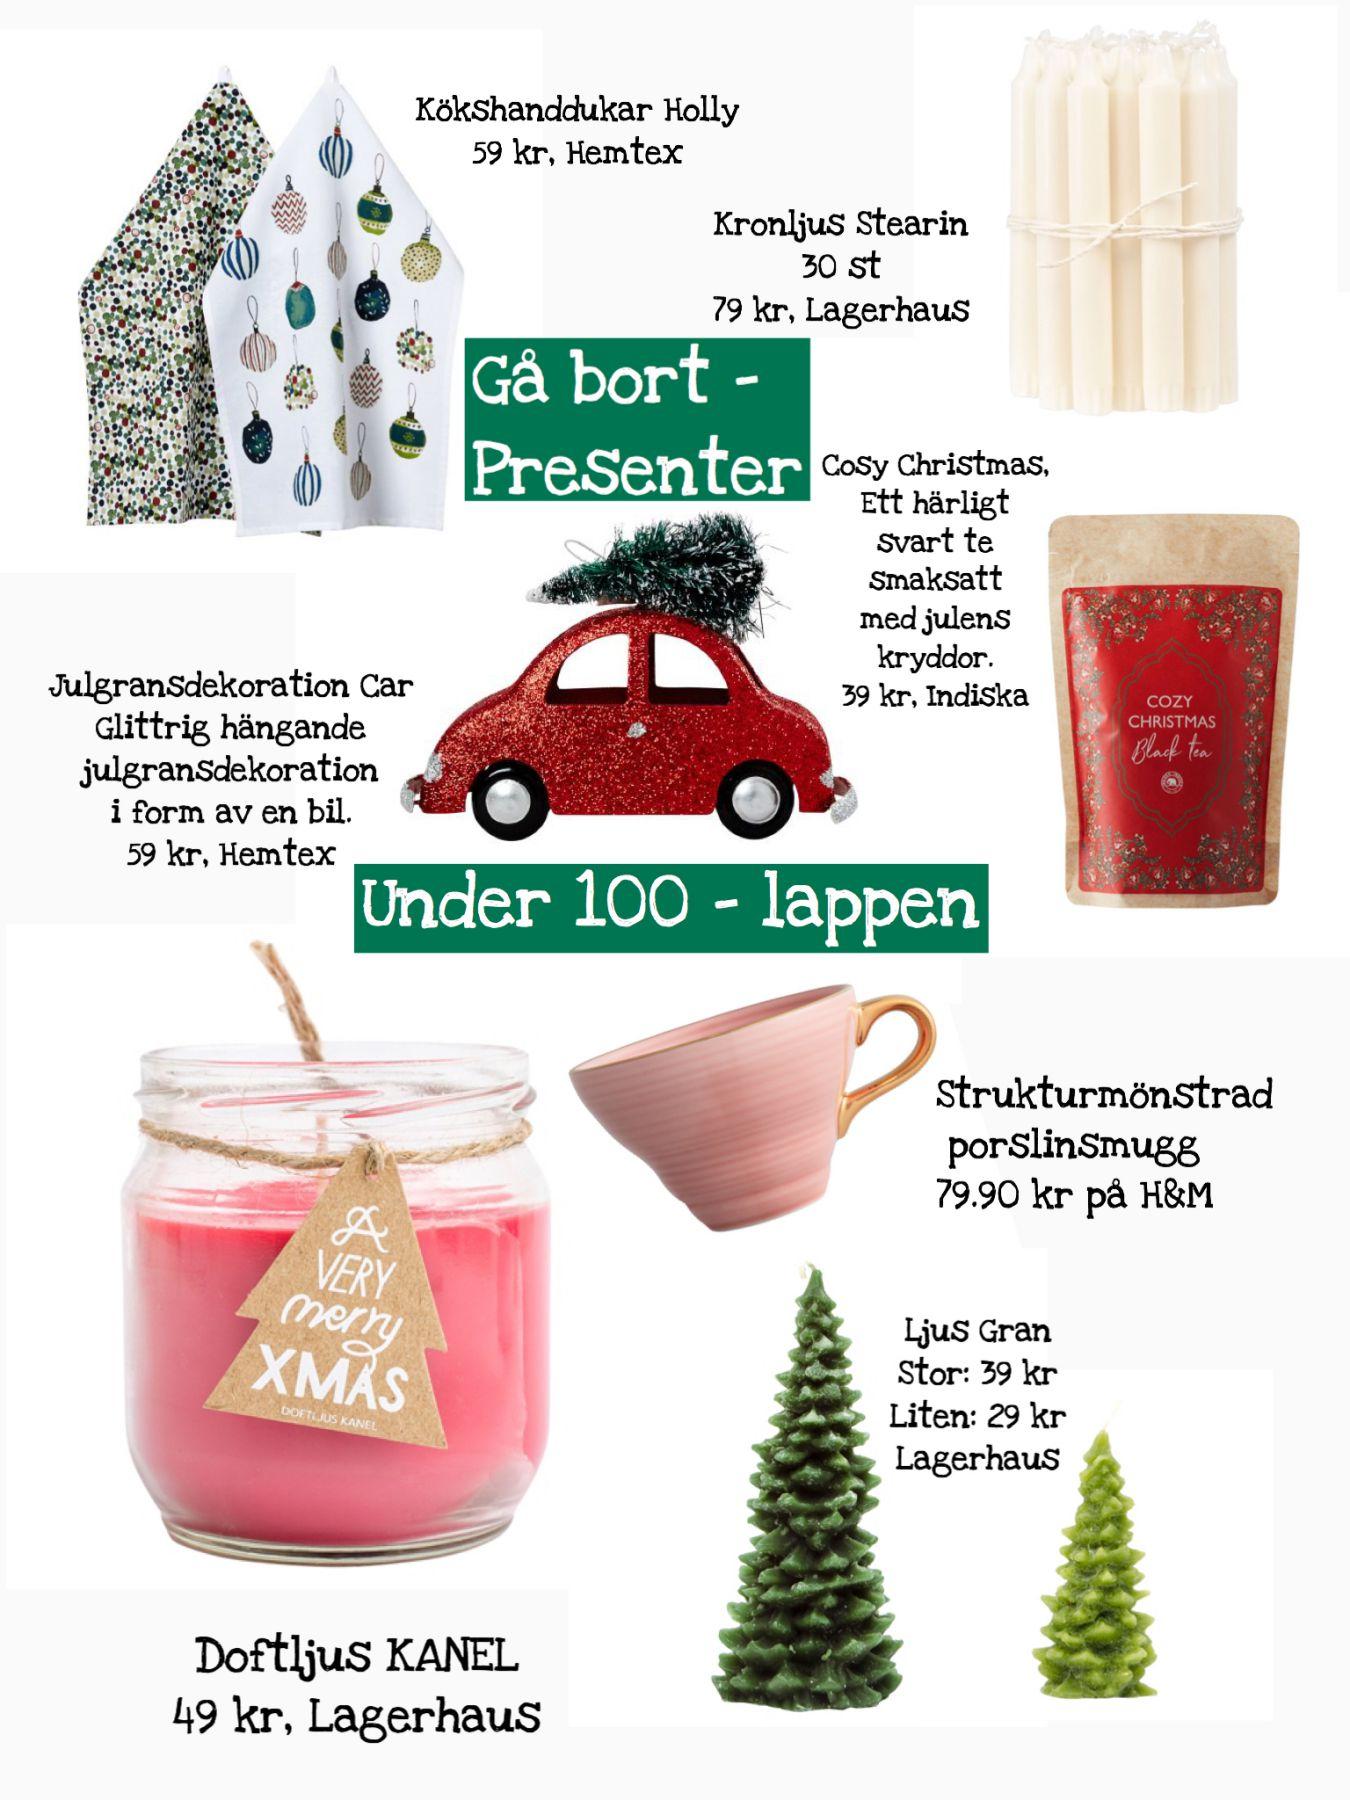 Gå bort presenter